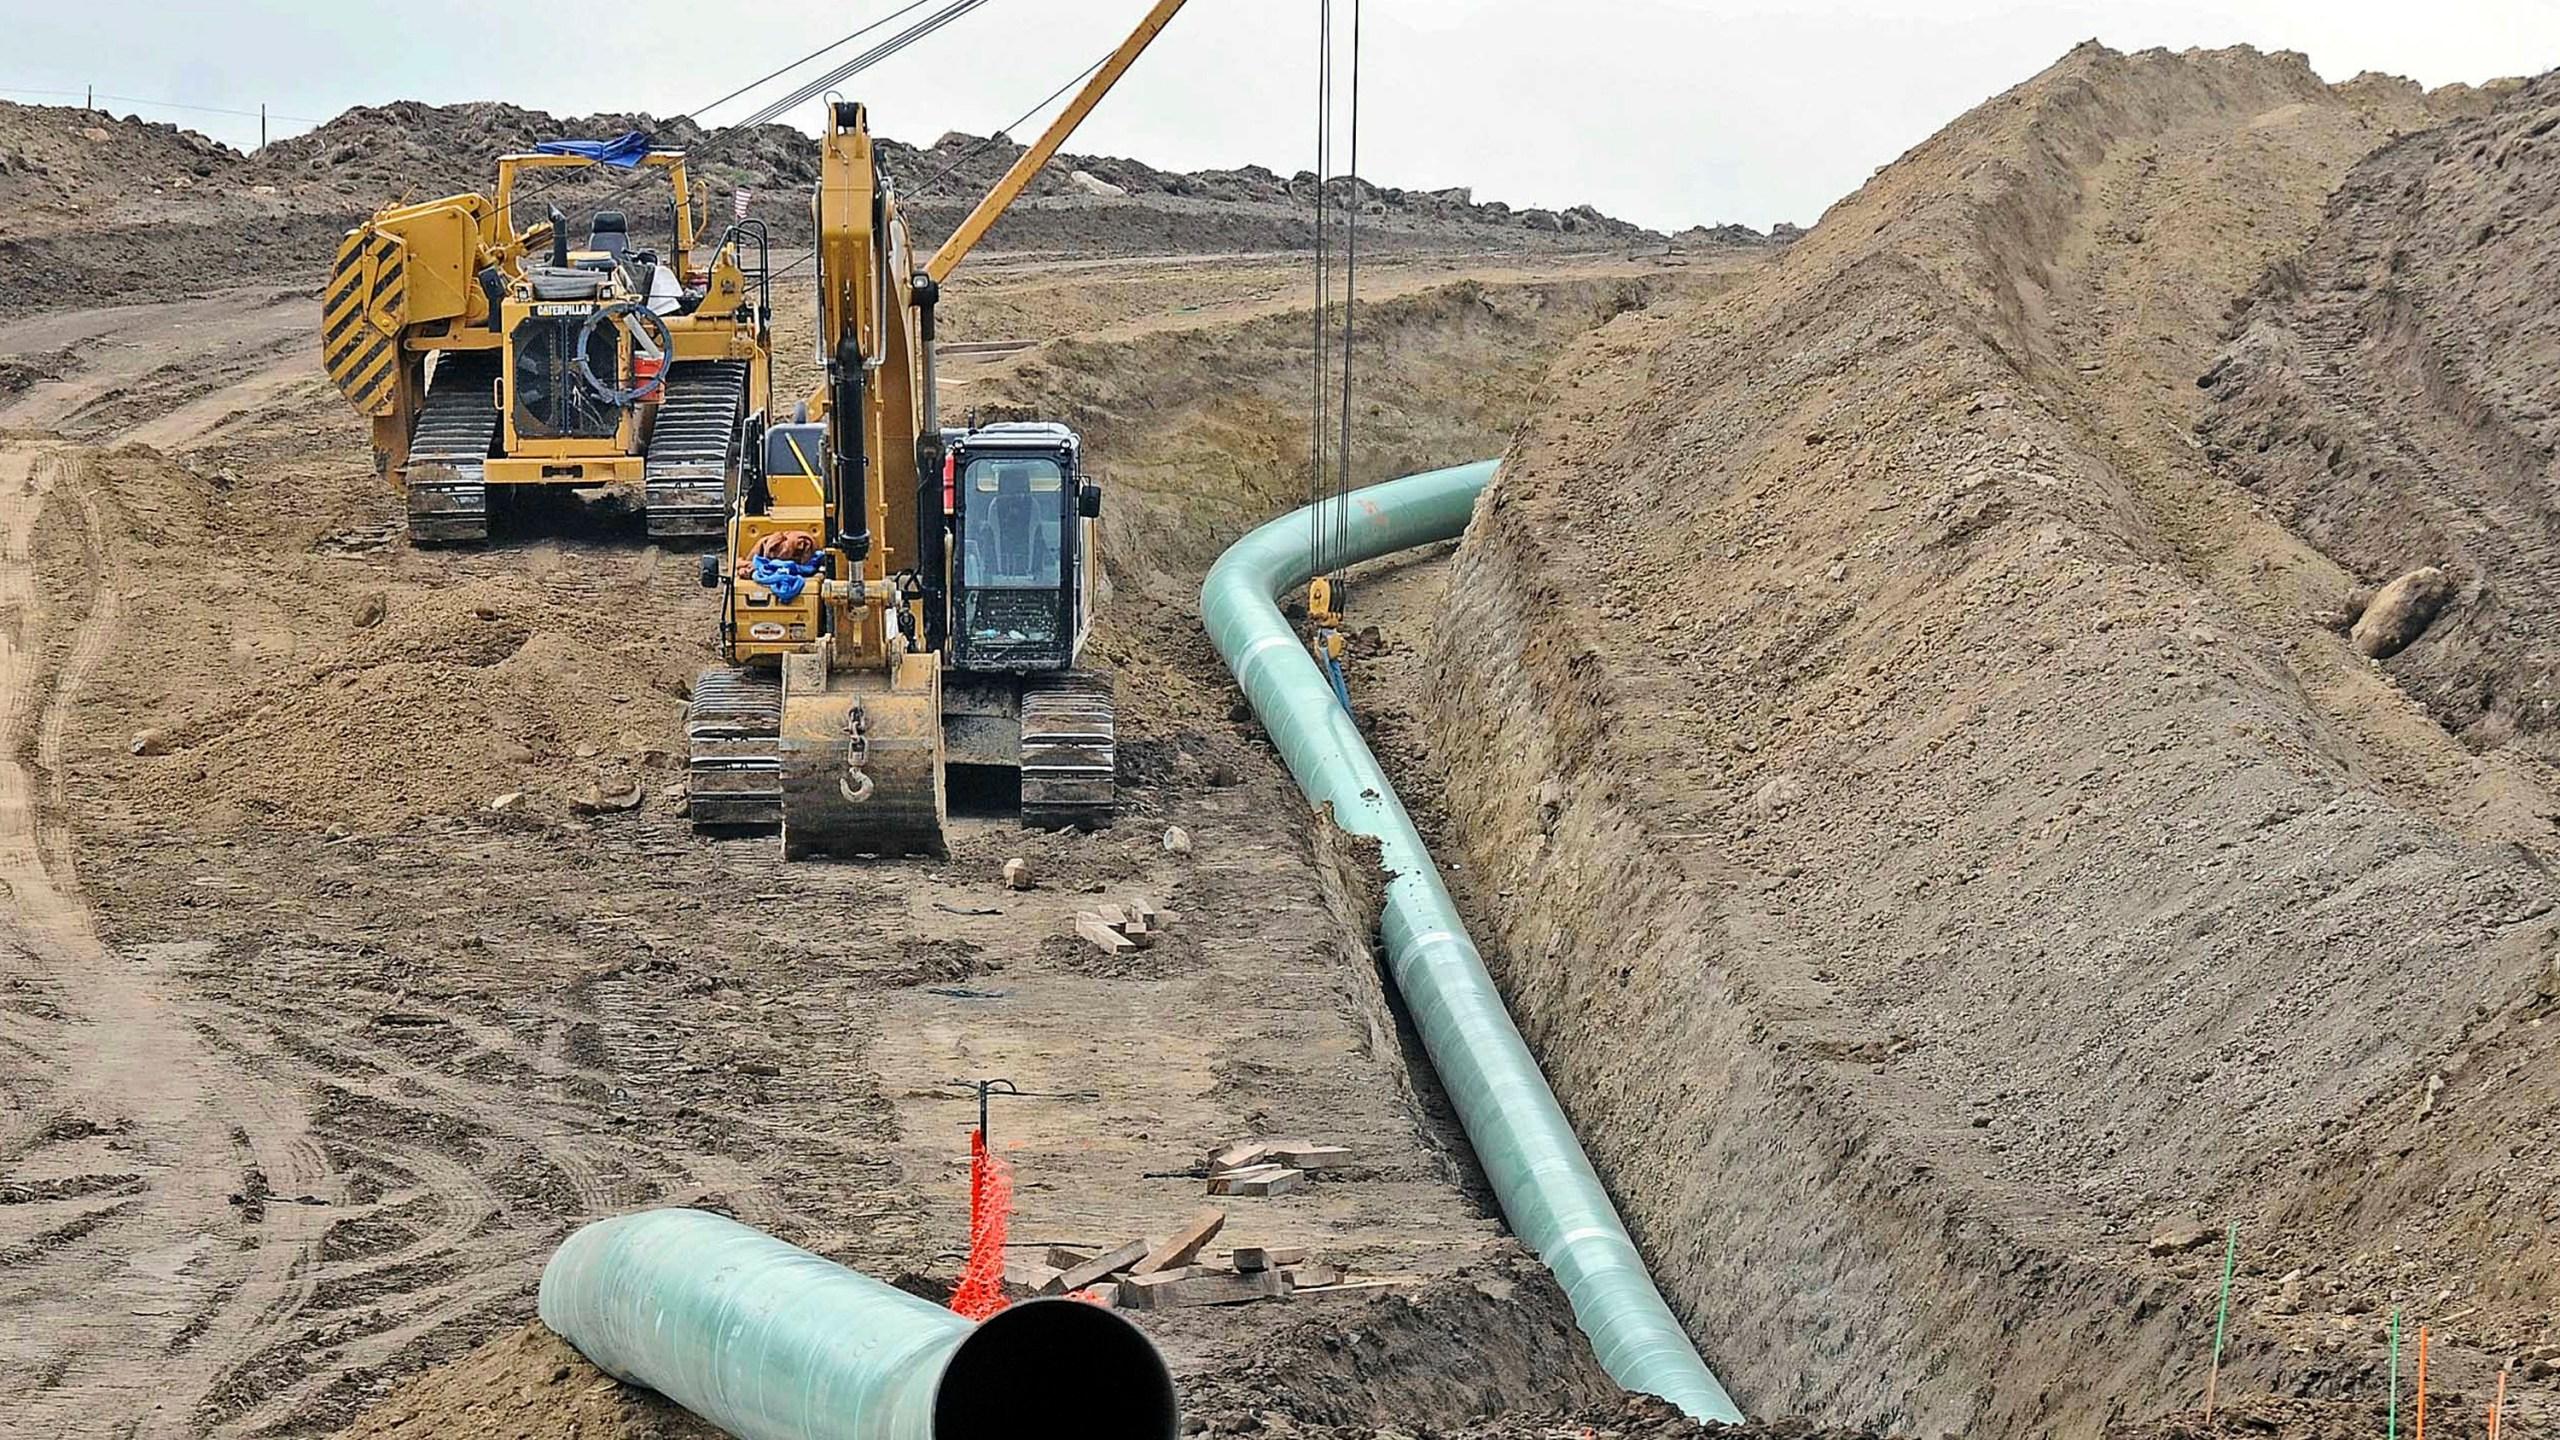 Oil_Pipeline_99804-159532.jpg84670731